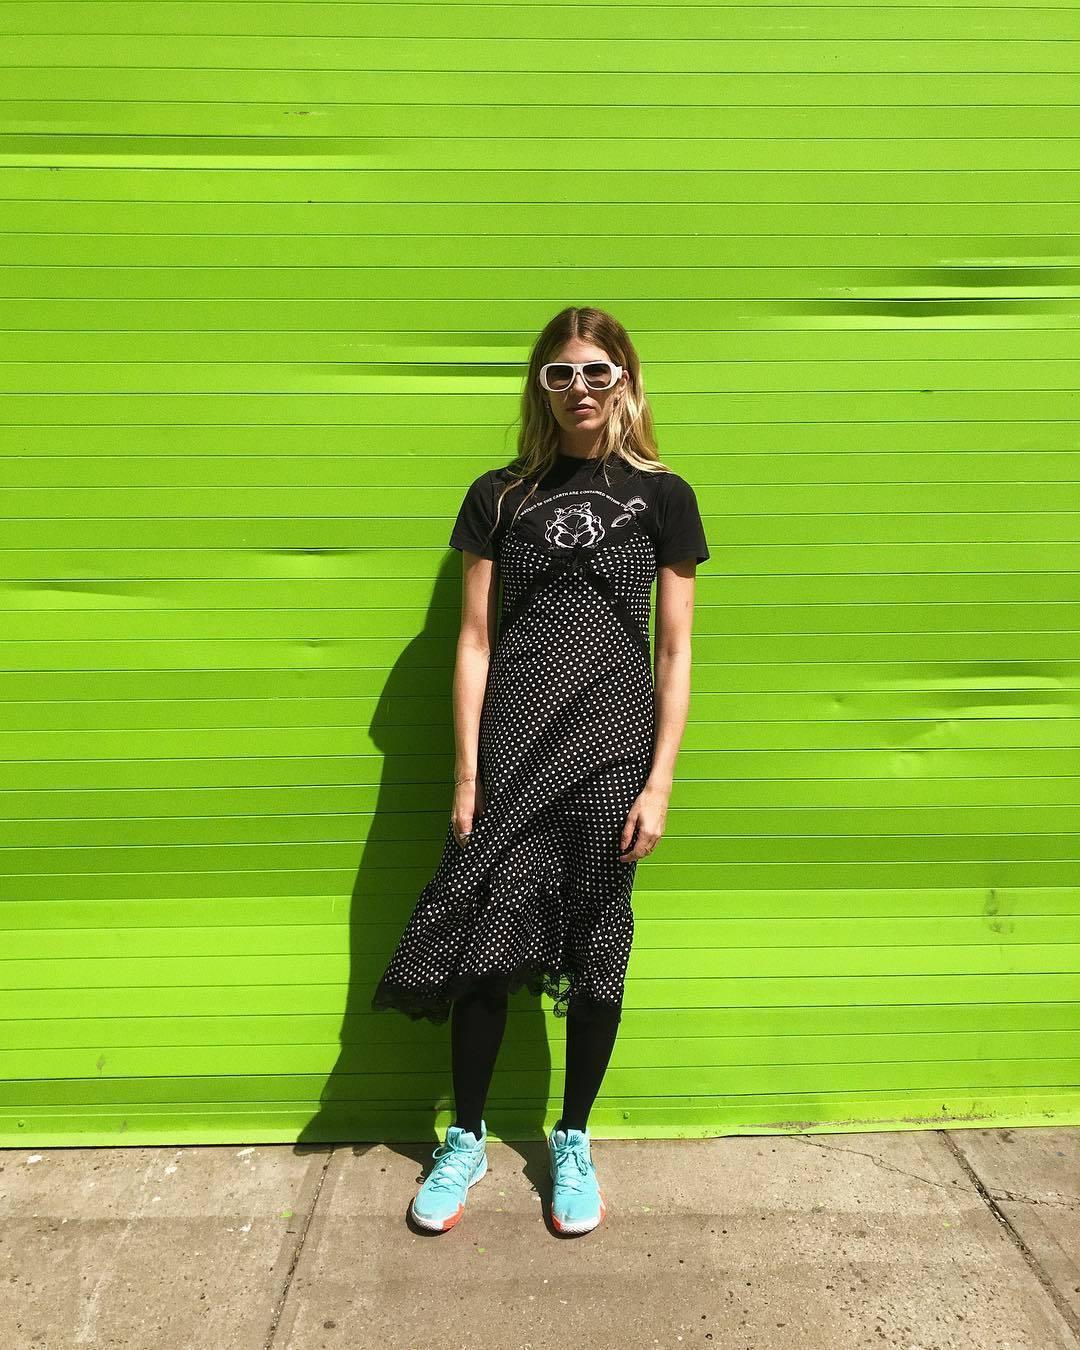 Veronika Heilbrunner con medias y zapatillas.